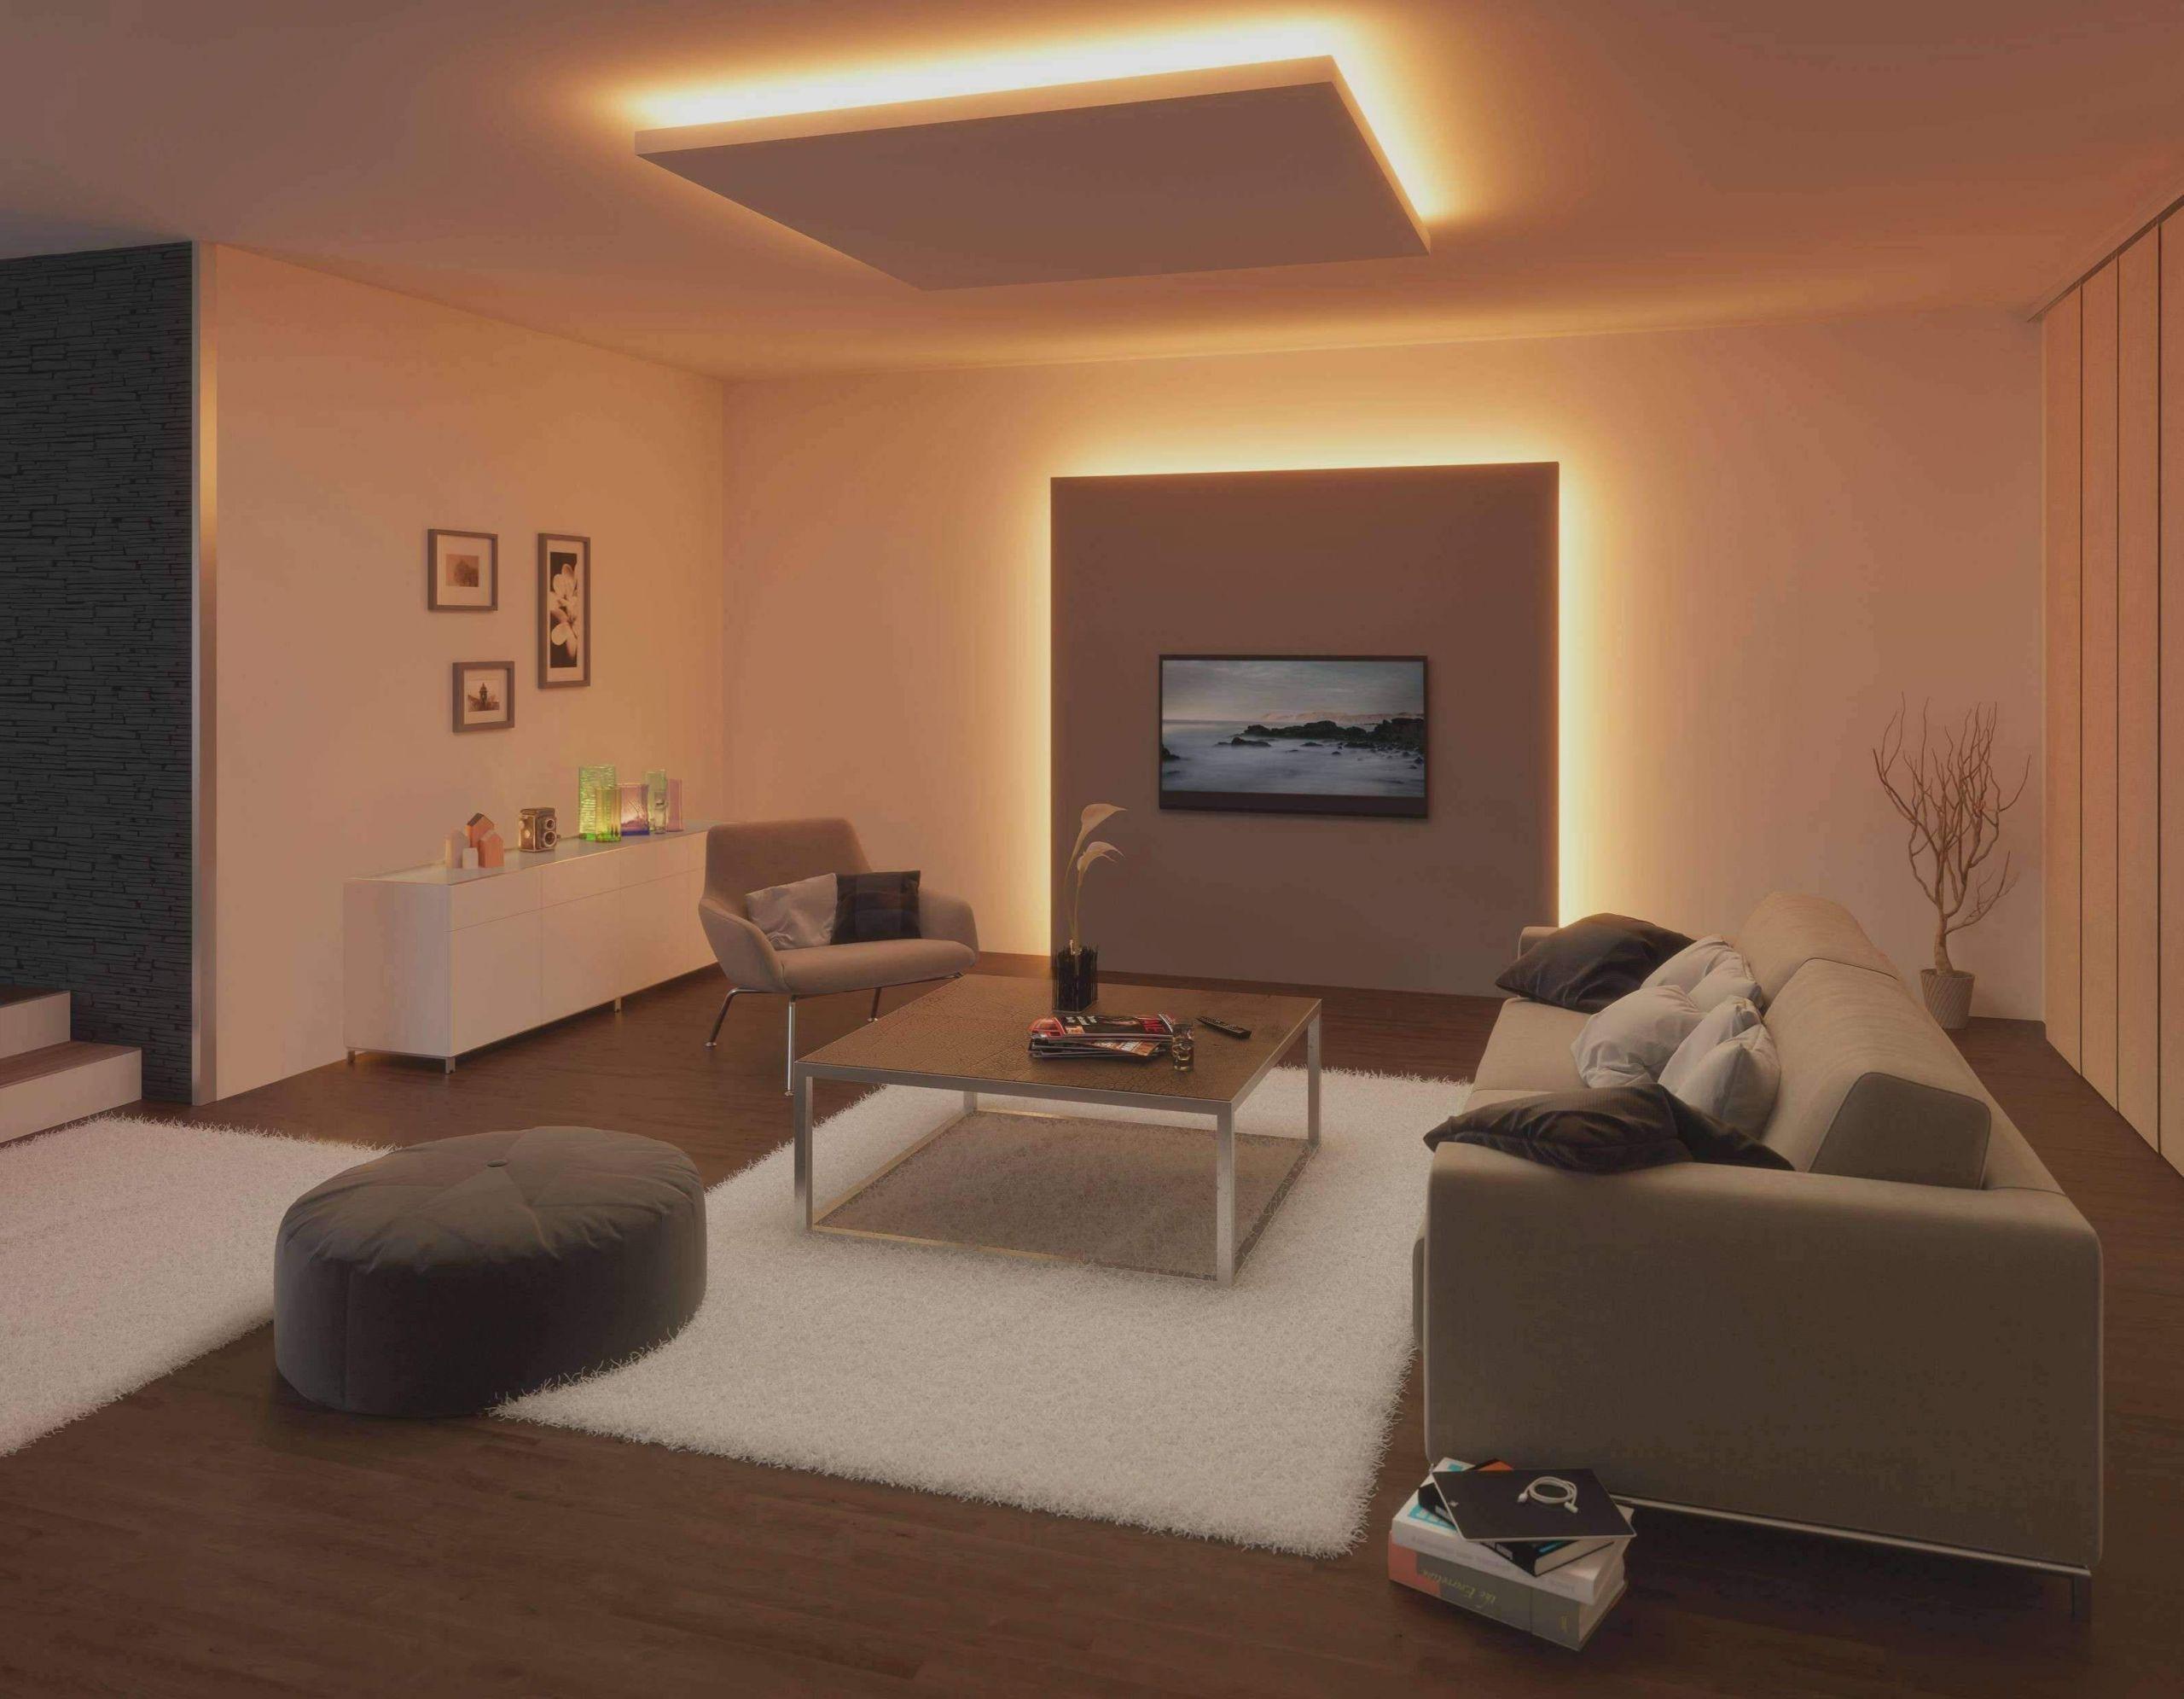 Full Size of 25 Luxus Lampen Wohnzimmer Decke Elegant Frisch Stehlampen Led Deckenleuchte Bad Beleuchtung Deckenlampe Esstisch Tagesdecken Für Betten Teppich Deckenlampen Wohnzimmer Wohnzimmer Decke